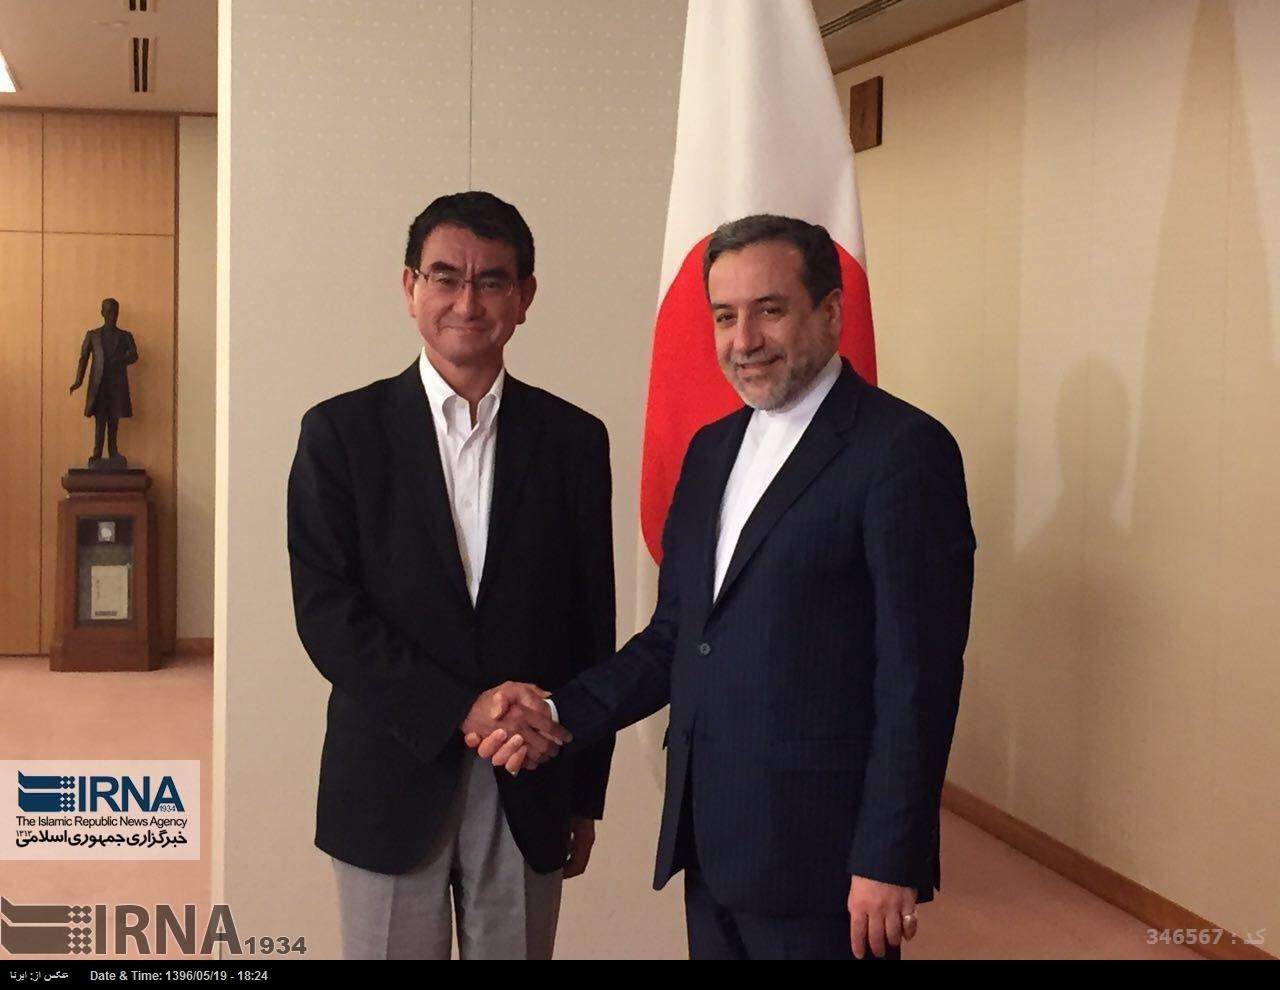 دیدار عراقچی با وزیر امور خارجه ژاپن در توکیو (+عکس)